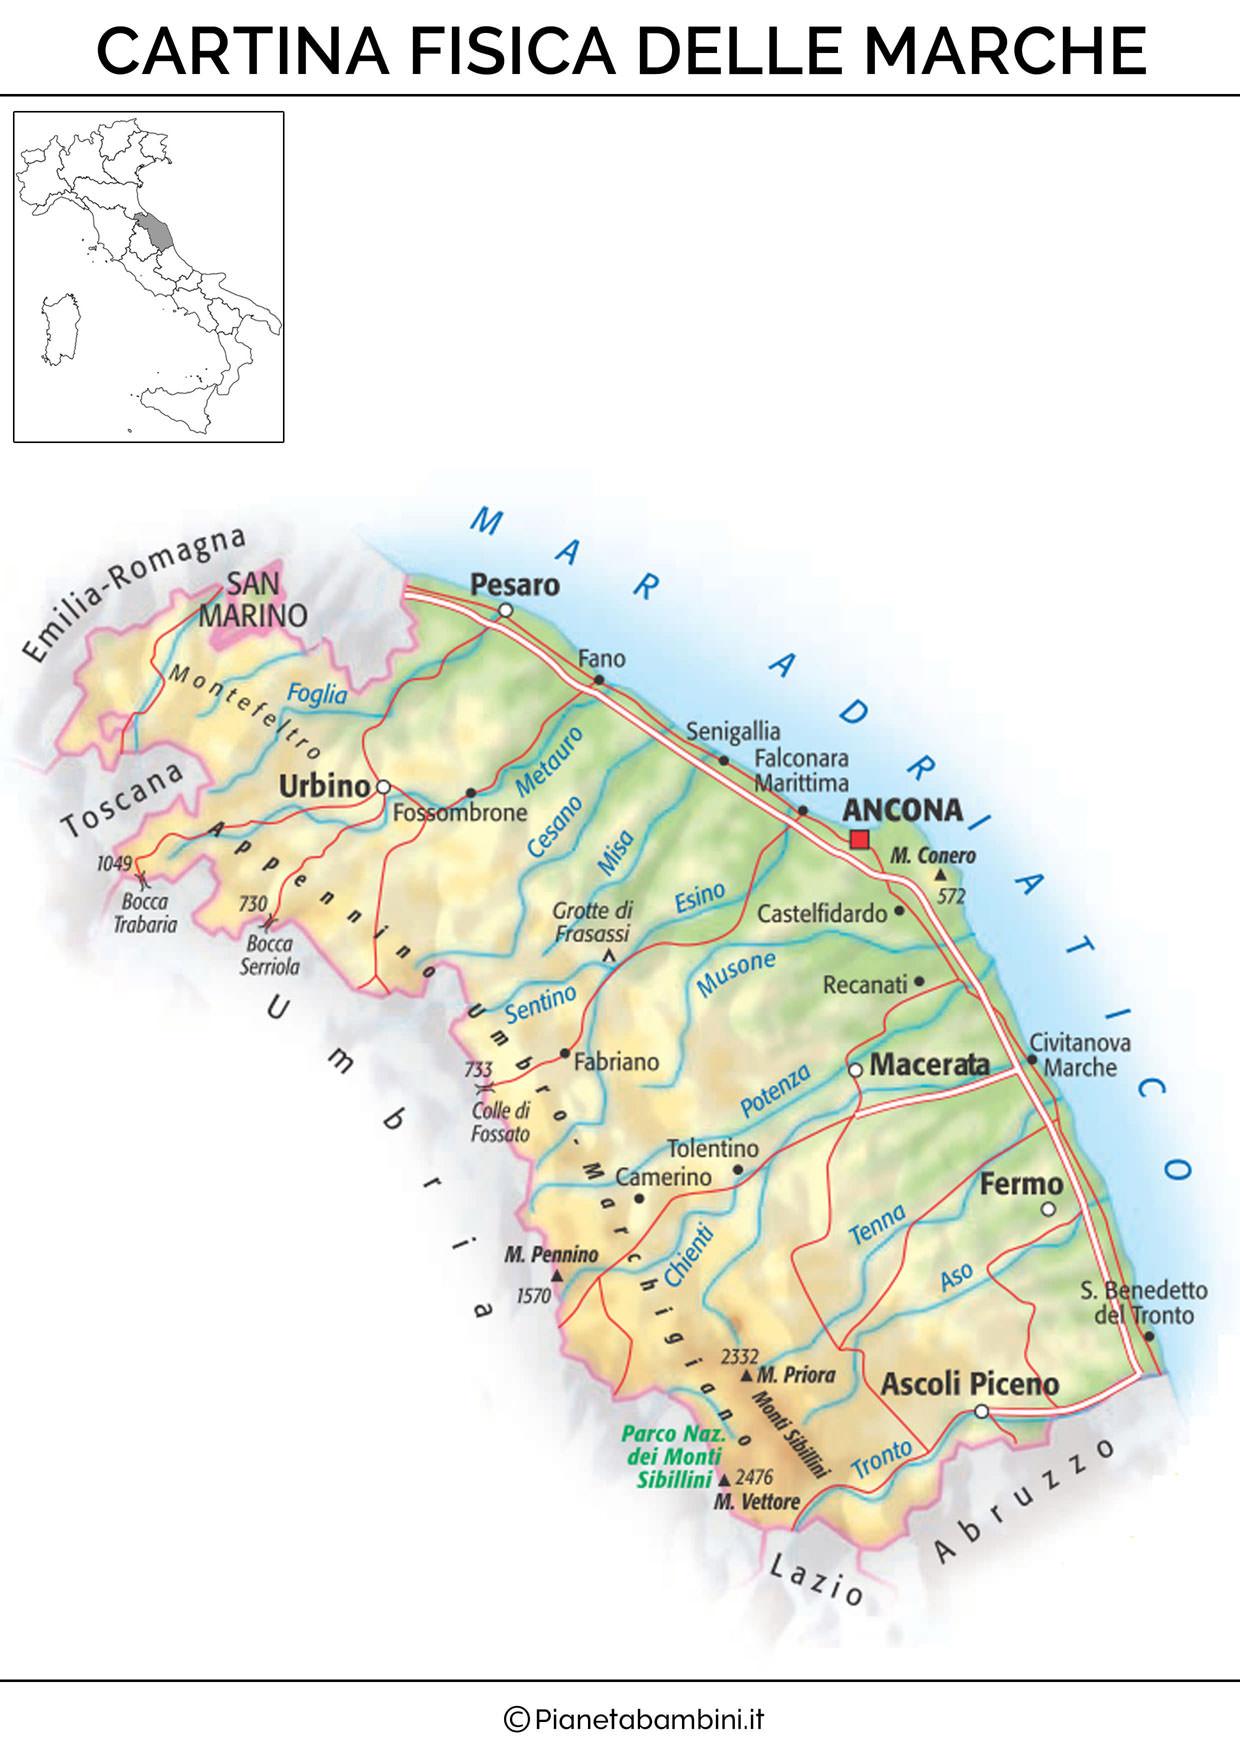 Cartina muta fisica e politica delle marche da stampare - Mappa dell inghilterra per i bambini ...